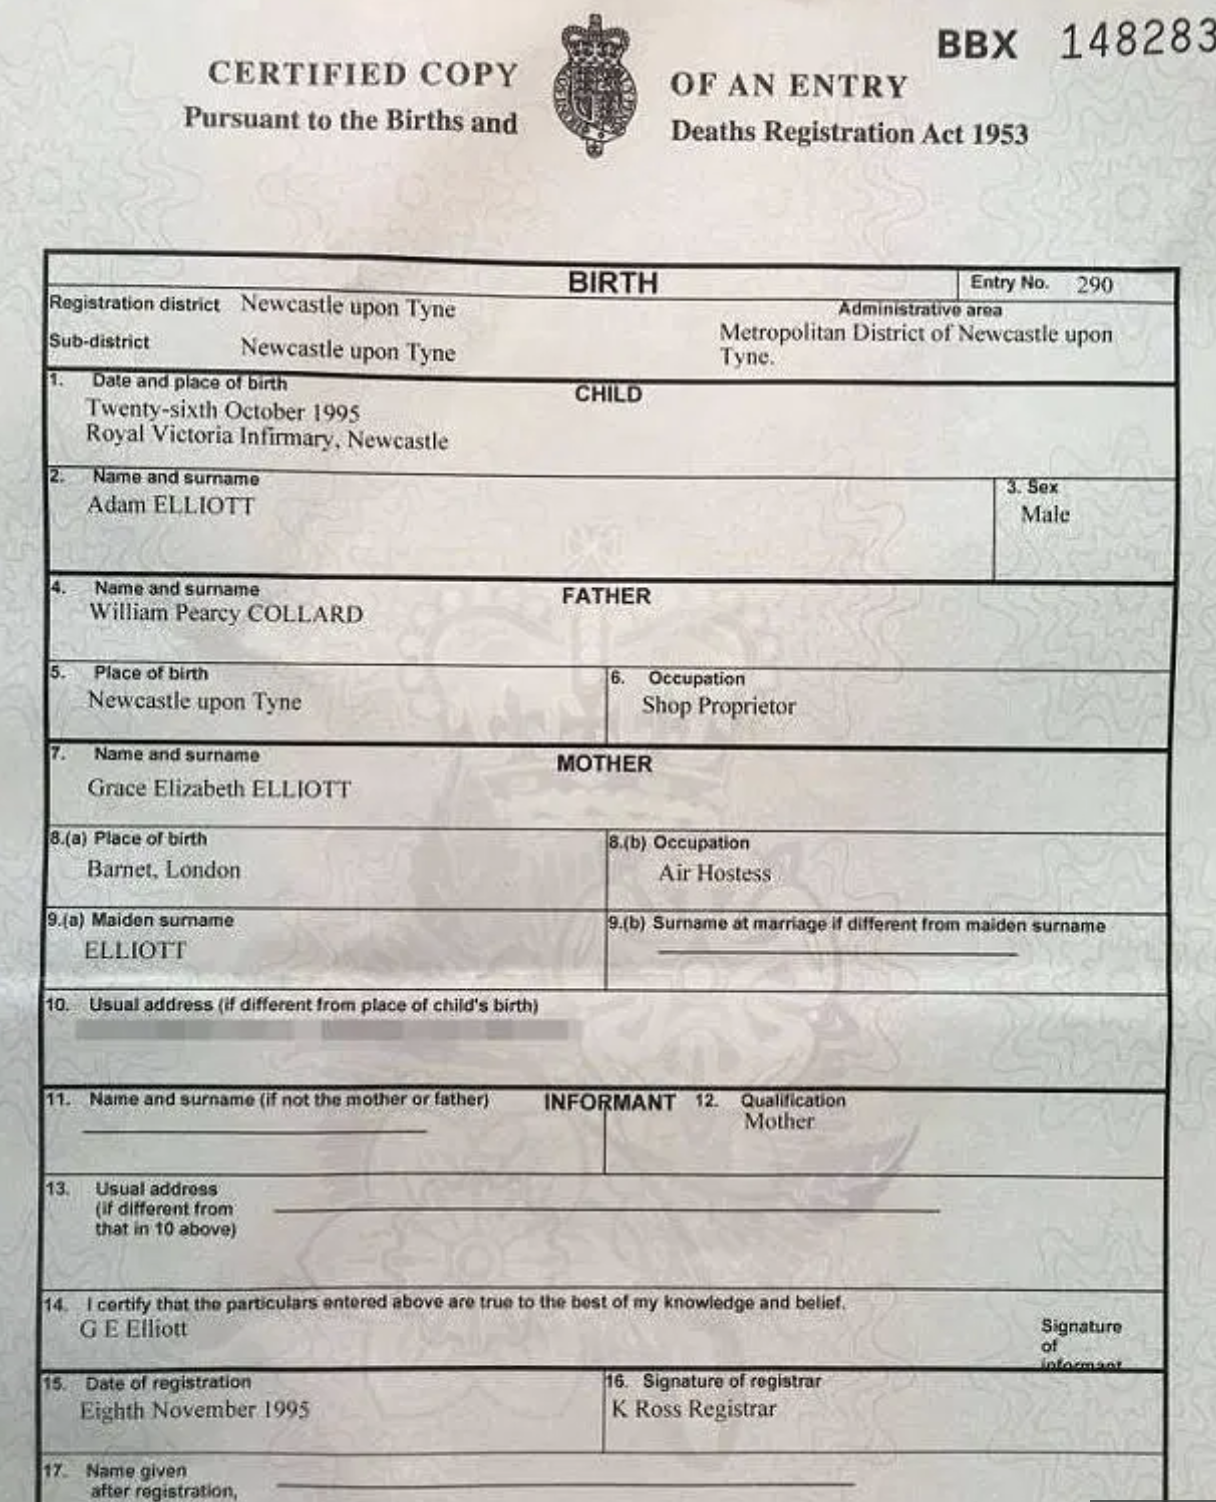 adam collard age birth certificate